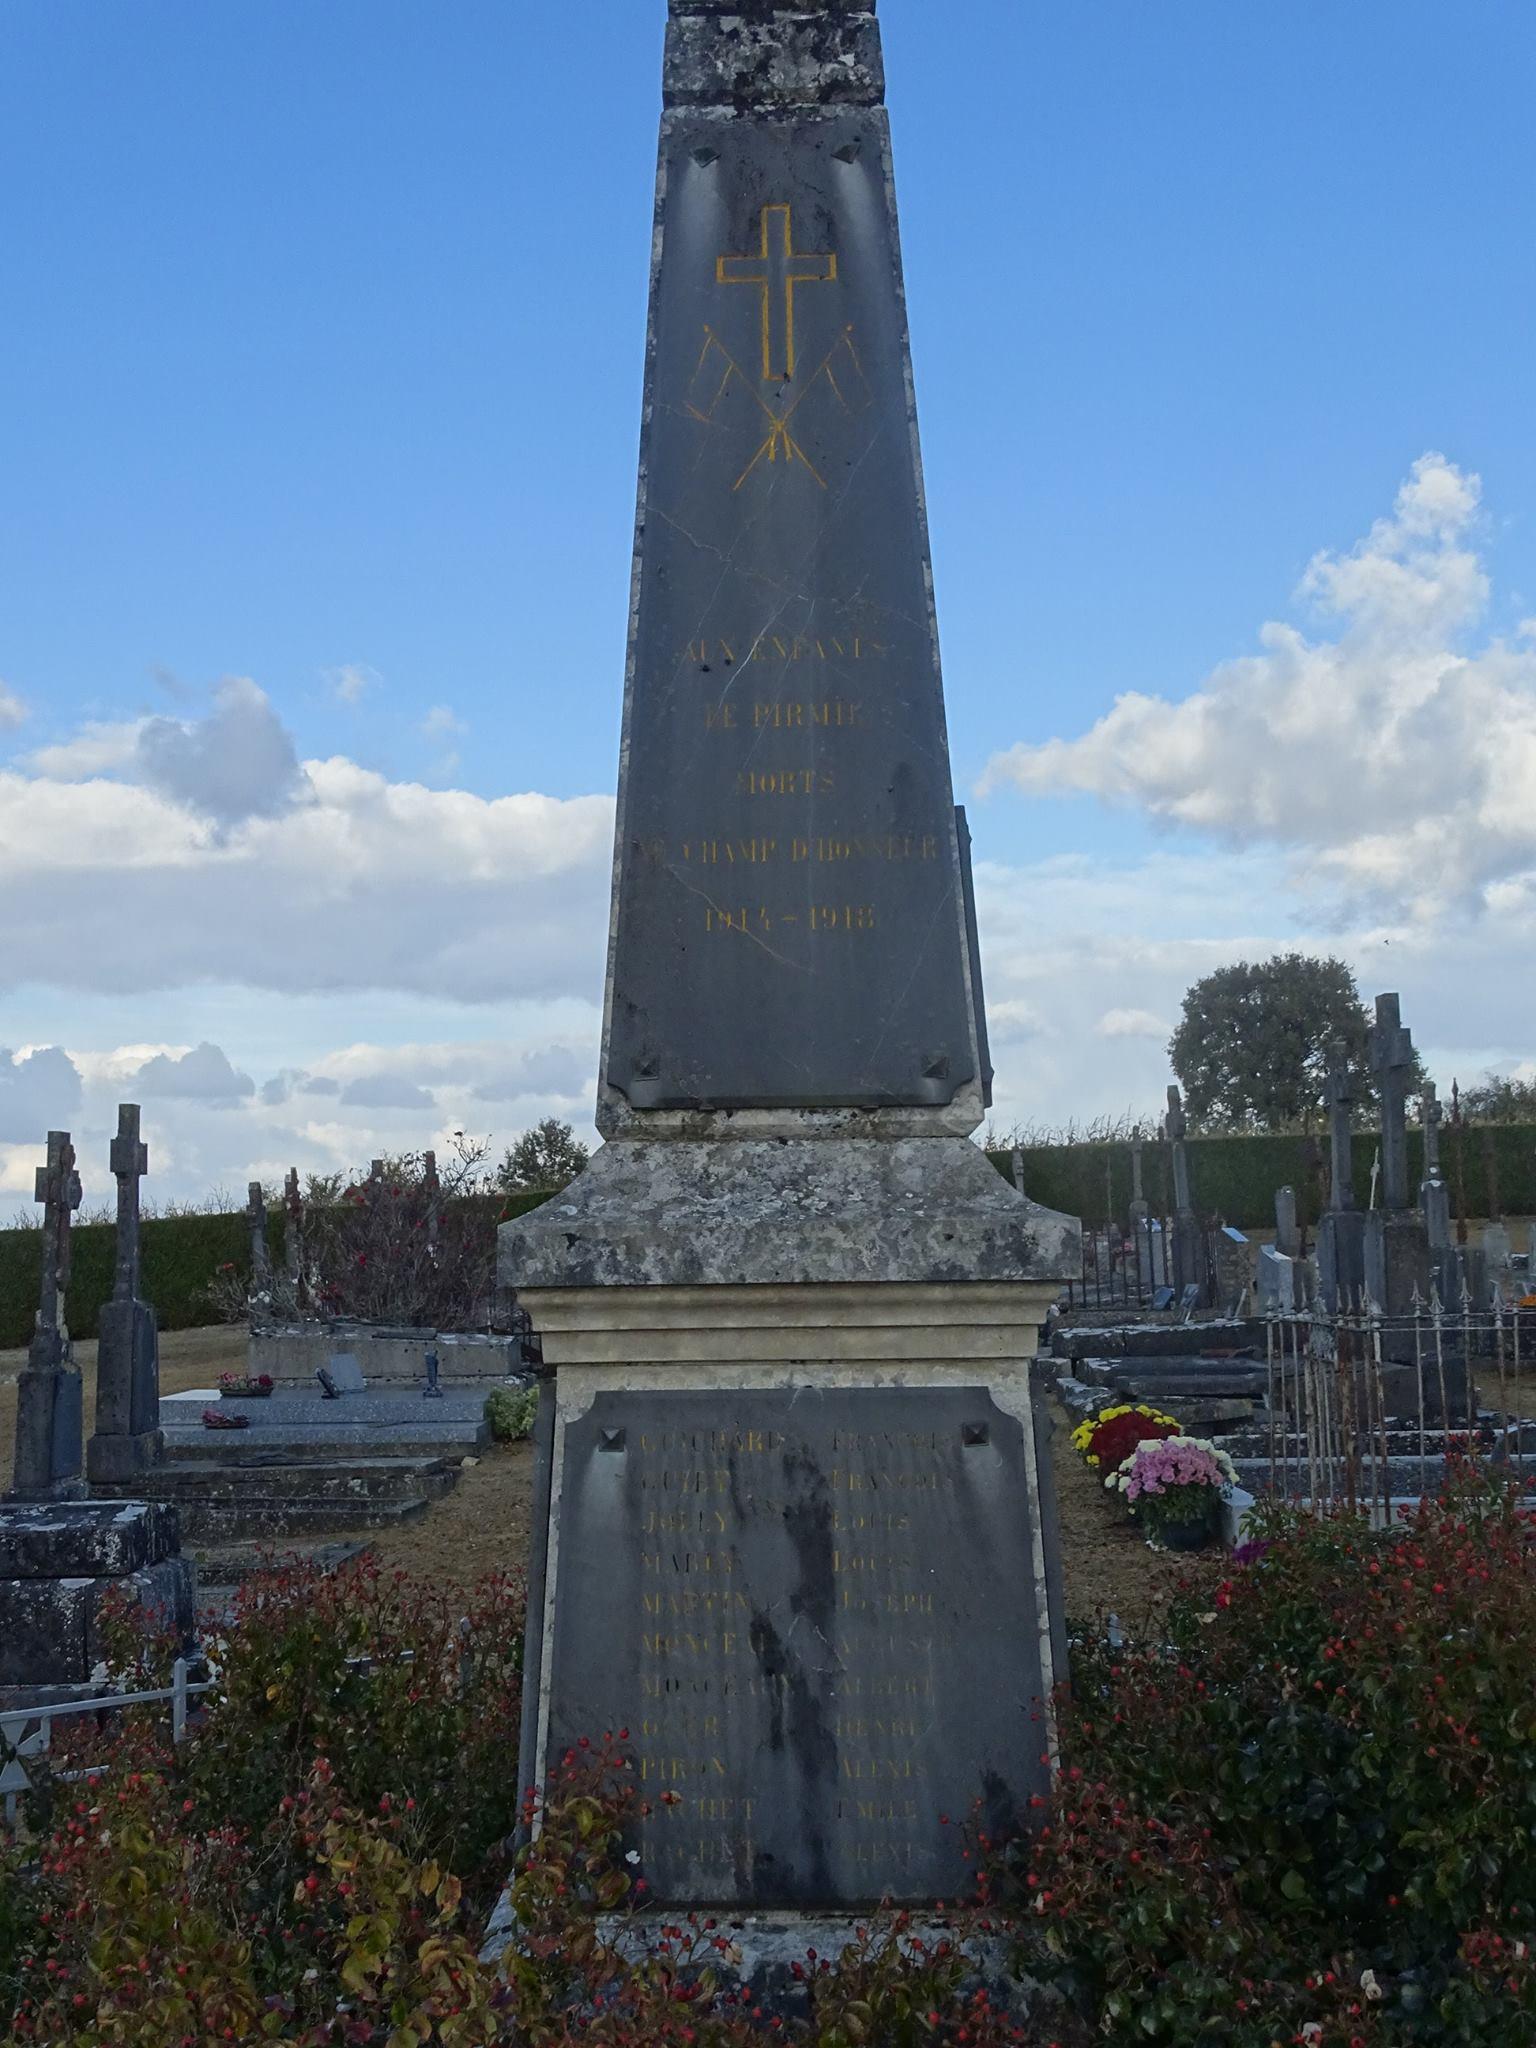 Pirmil - Monument commémoratif - Aux enfants de Pirmil morts au champ d'honneur 1914-1918 - Vue 01 (Marie-Yvonne Mersanne)